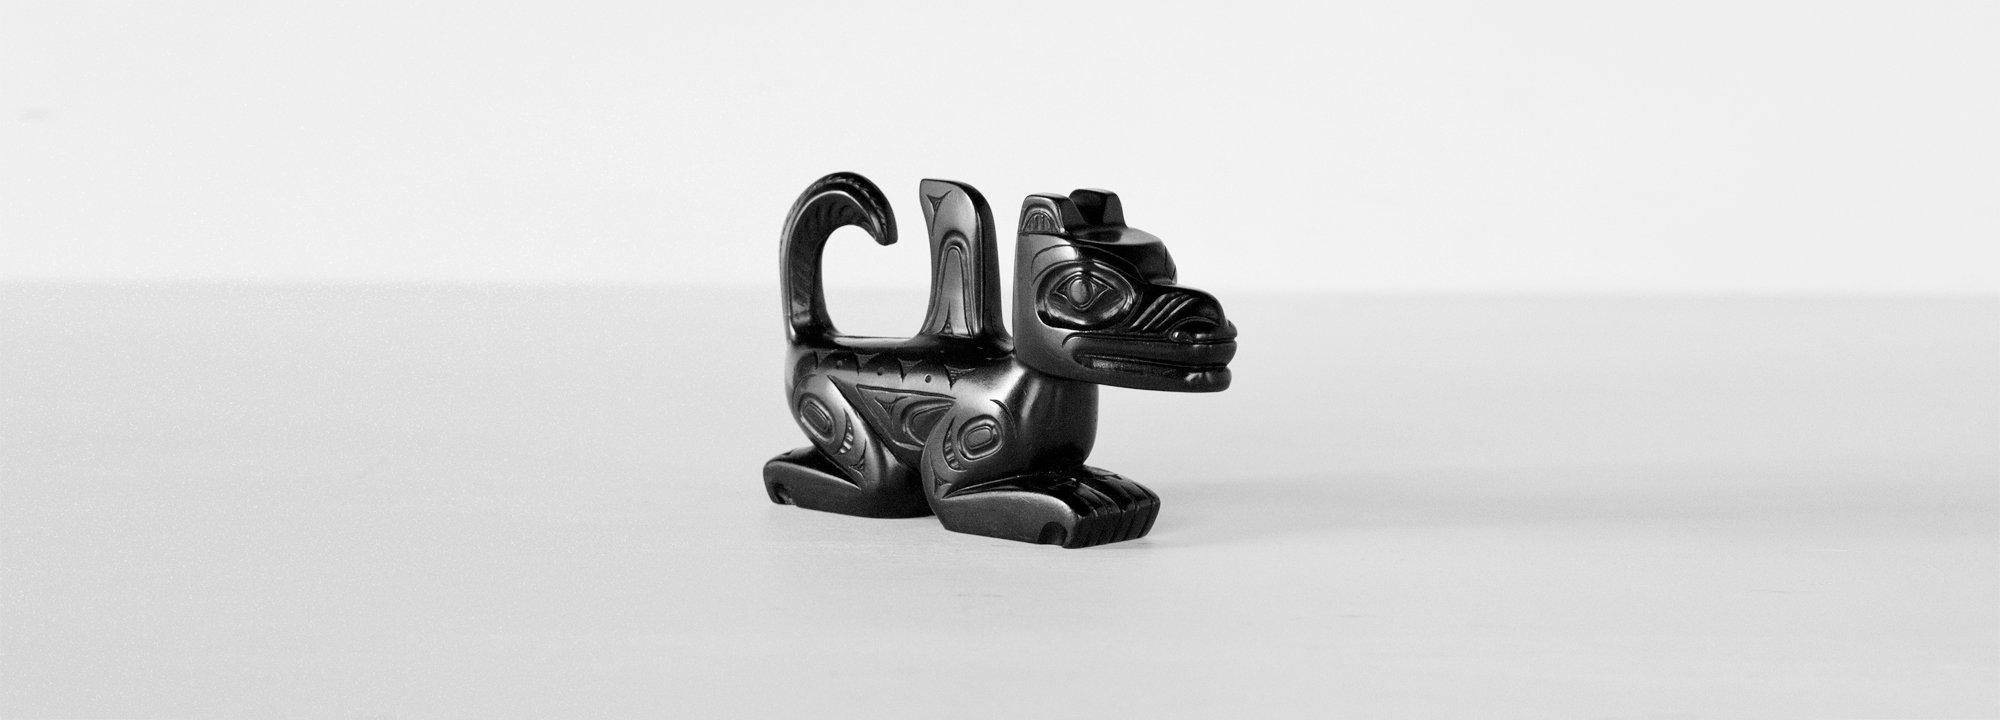 Vintage Object : Canadian Folkart